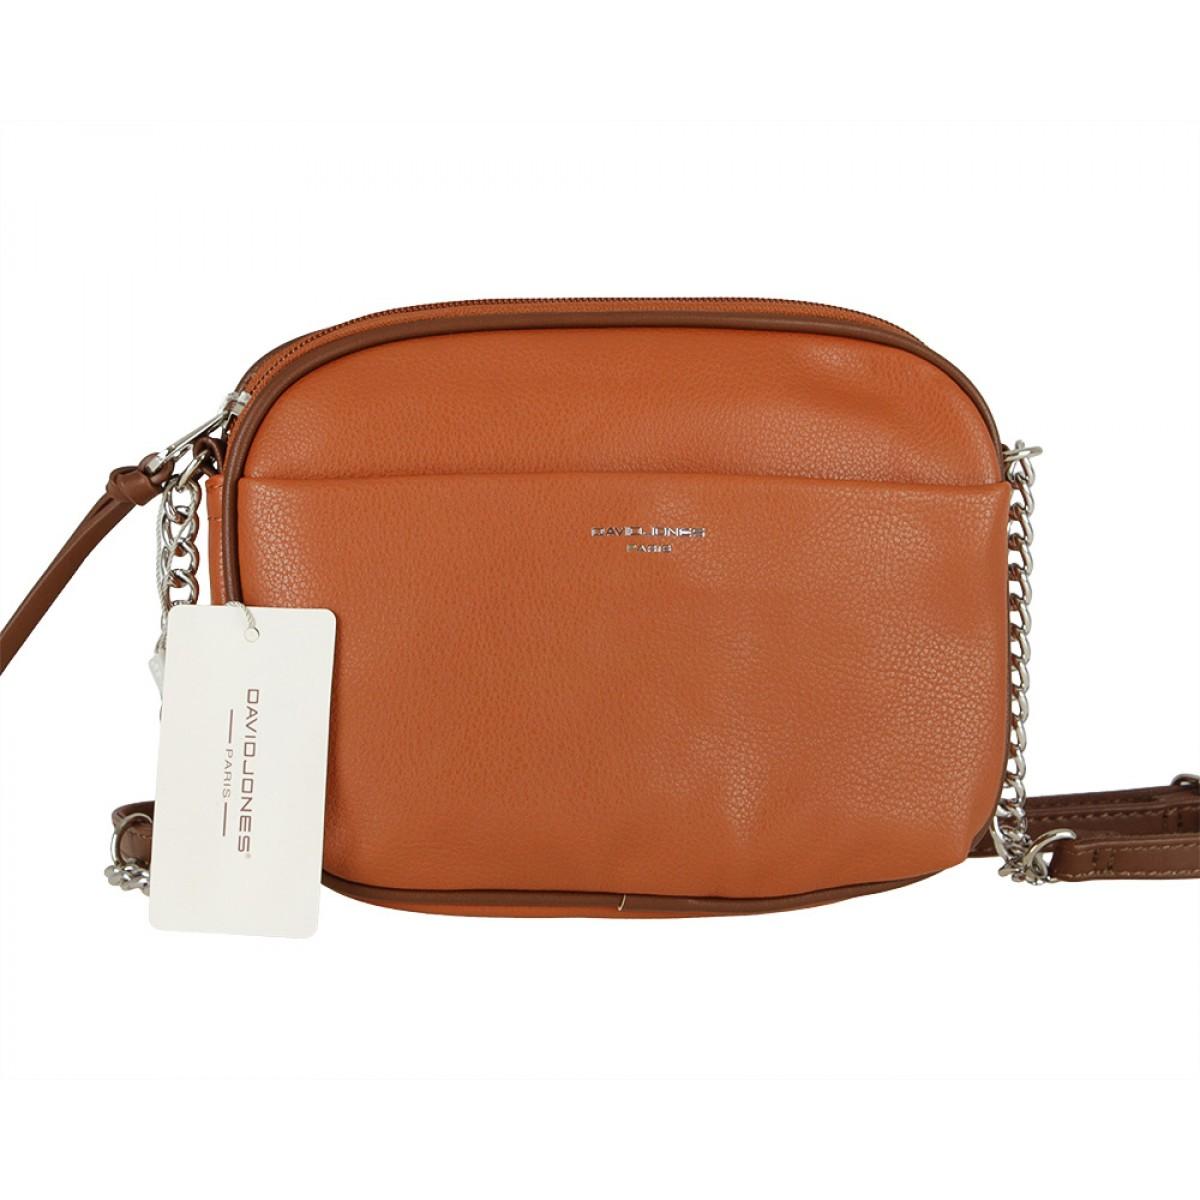 Жіноча сумка David Jones 6129-1 COGNAC